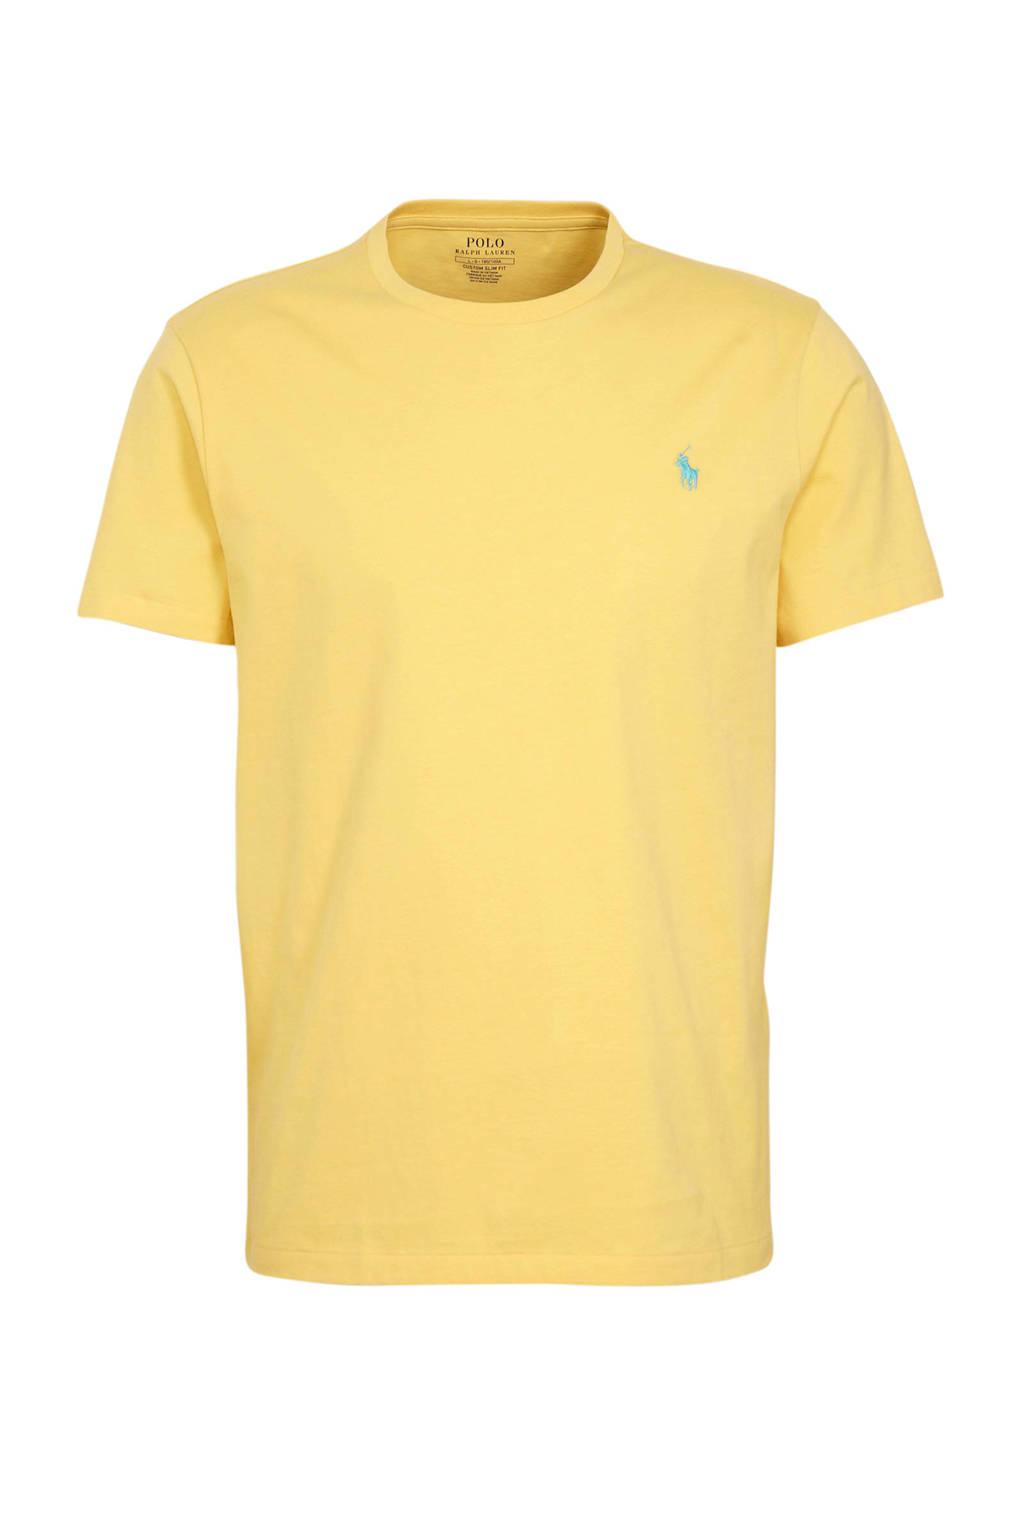 POLO Ralph Lauren T-shirt geel, Geel